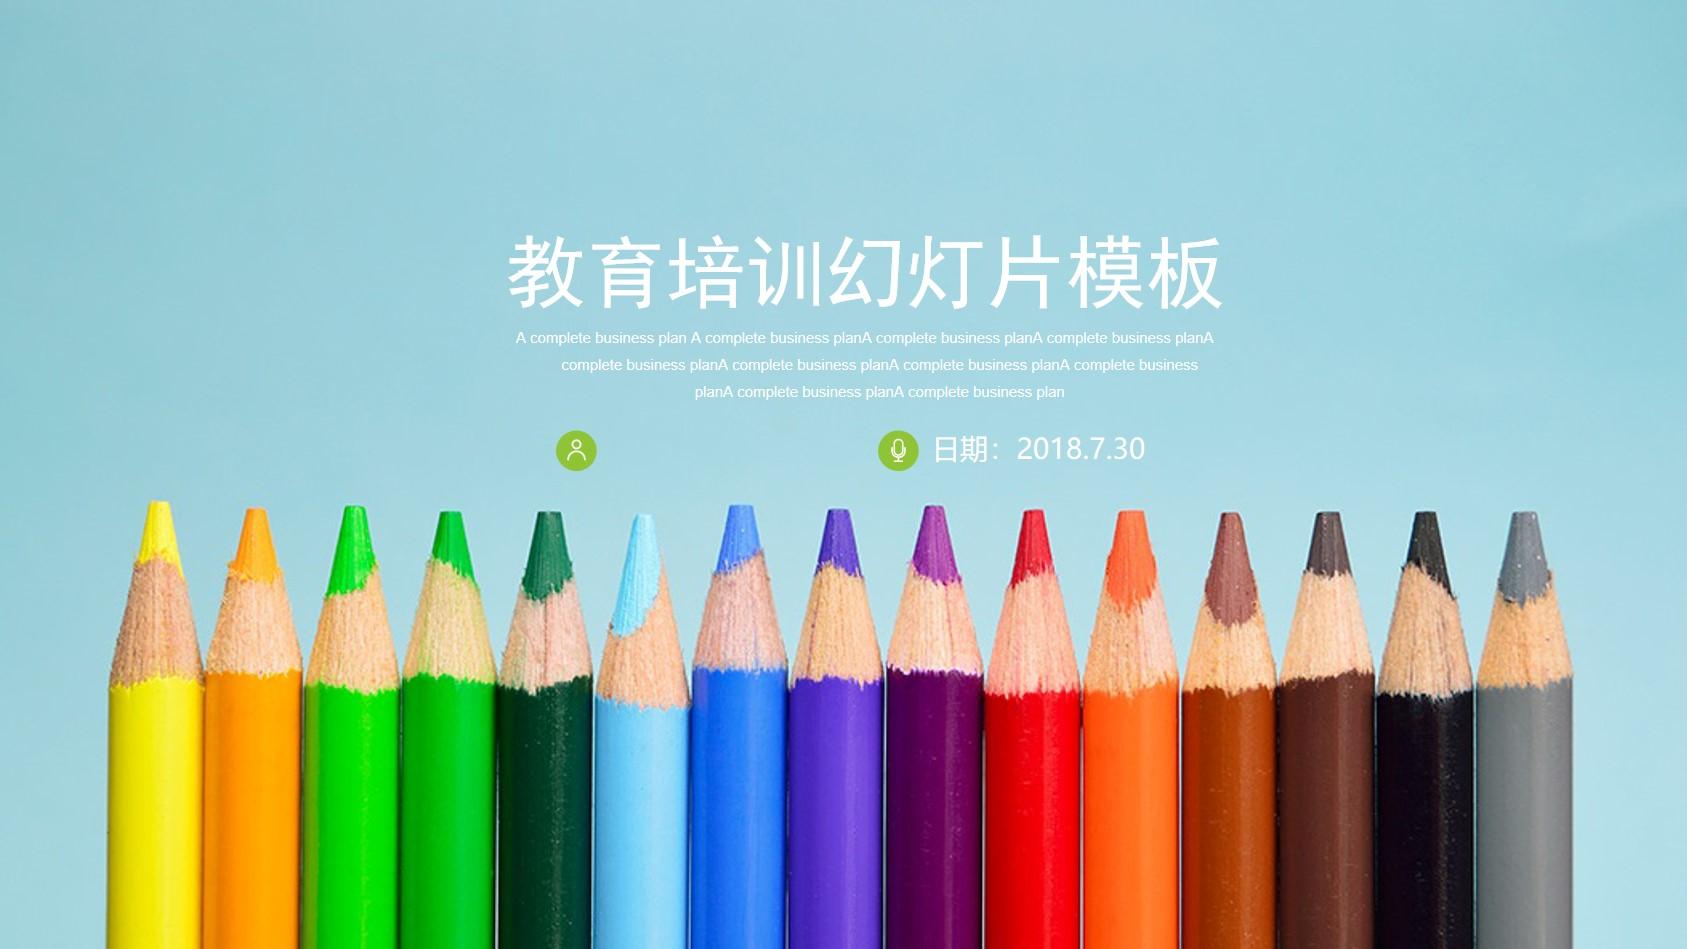 彩色铅笔背景的清新教育培训PPT模板